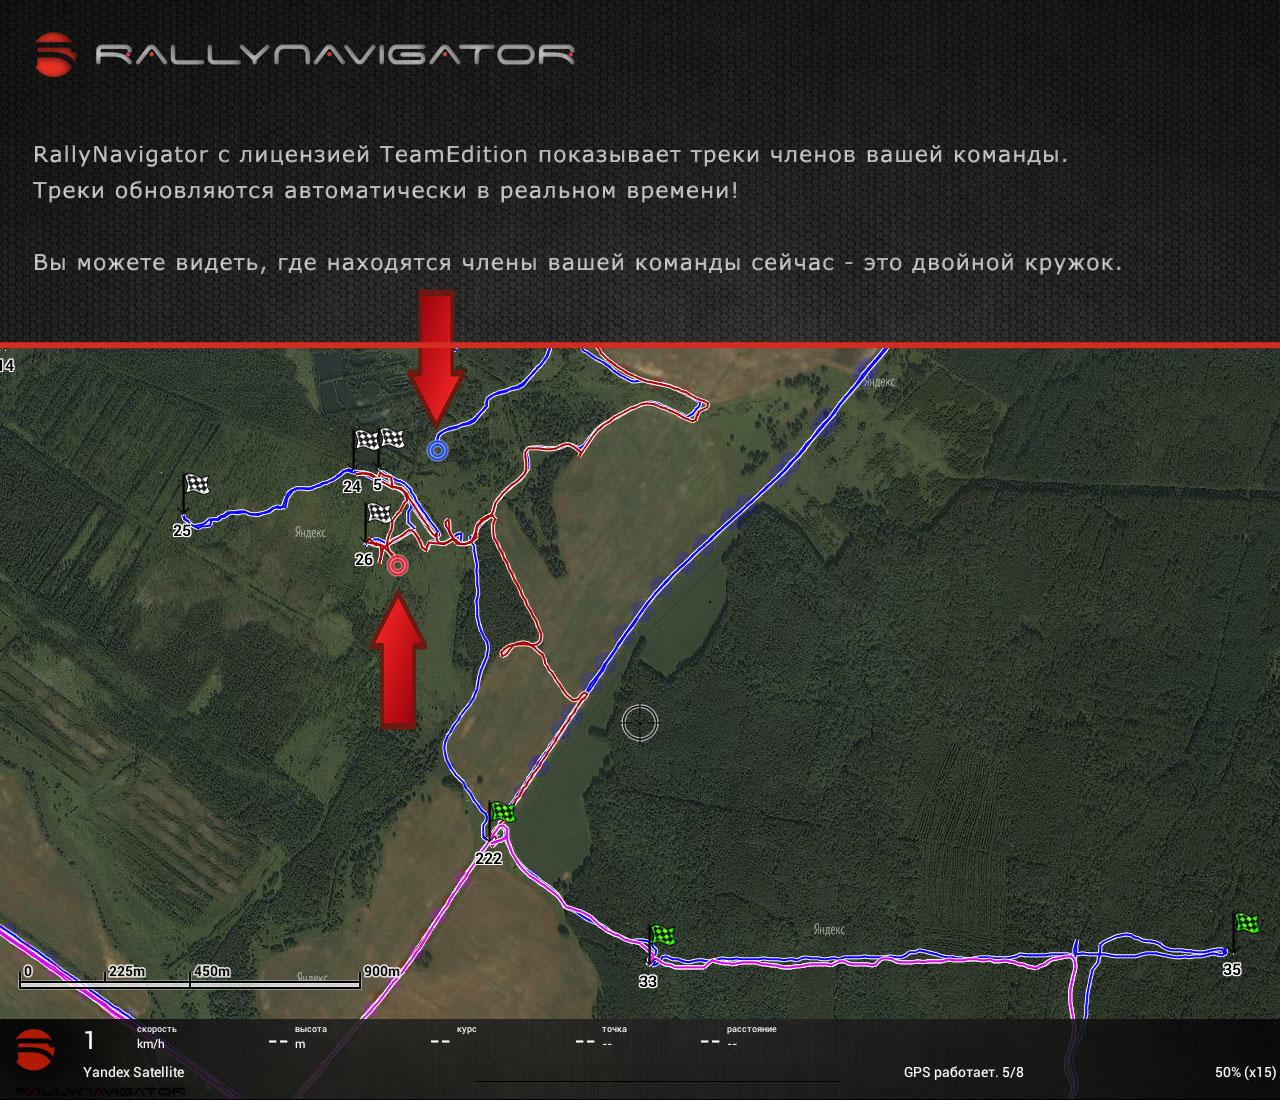 RN_screen_01_2.jpg